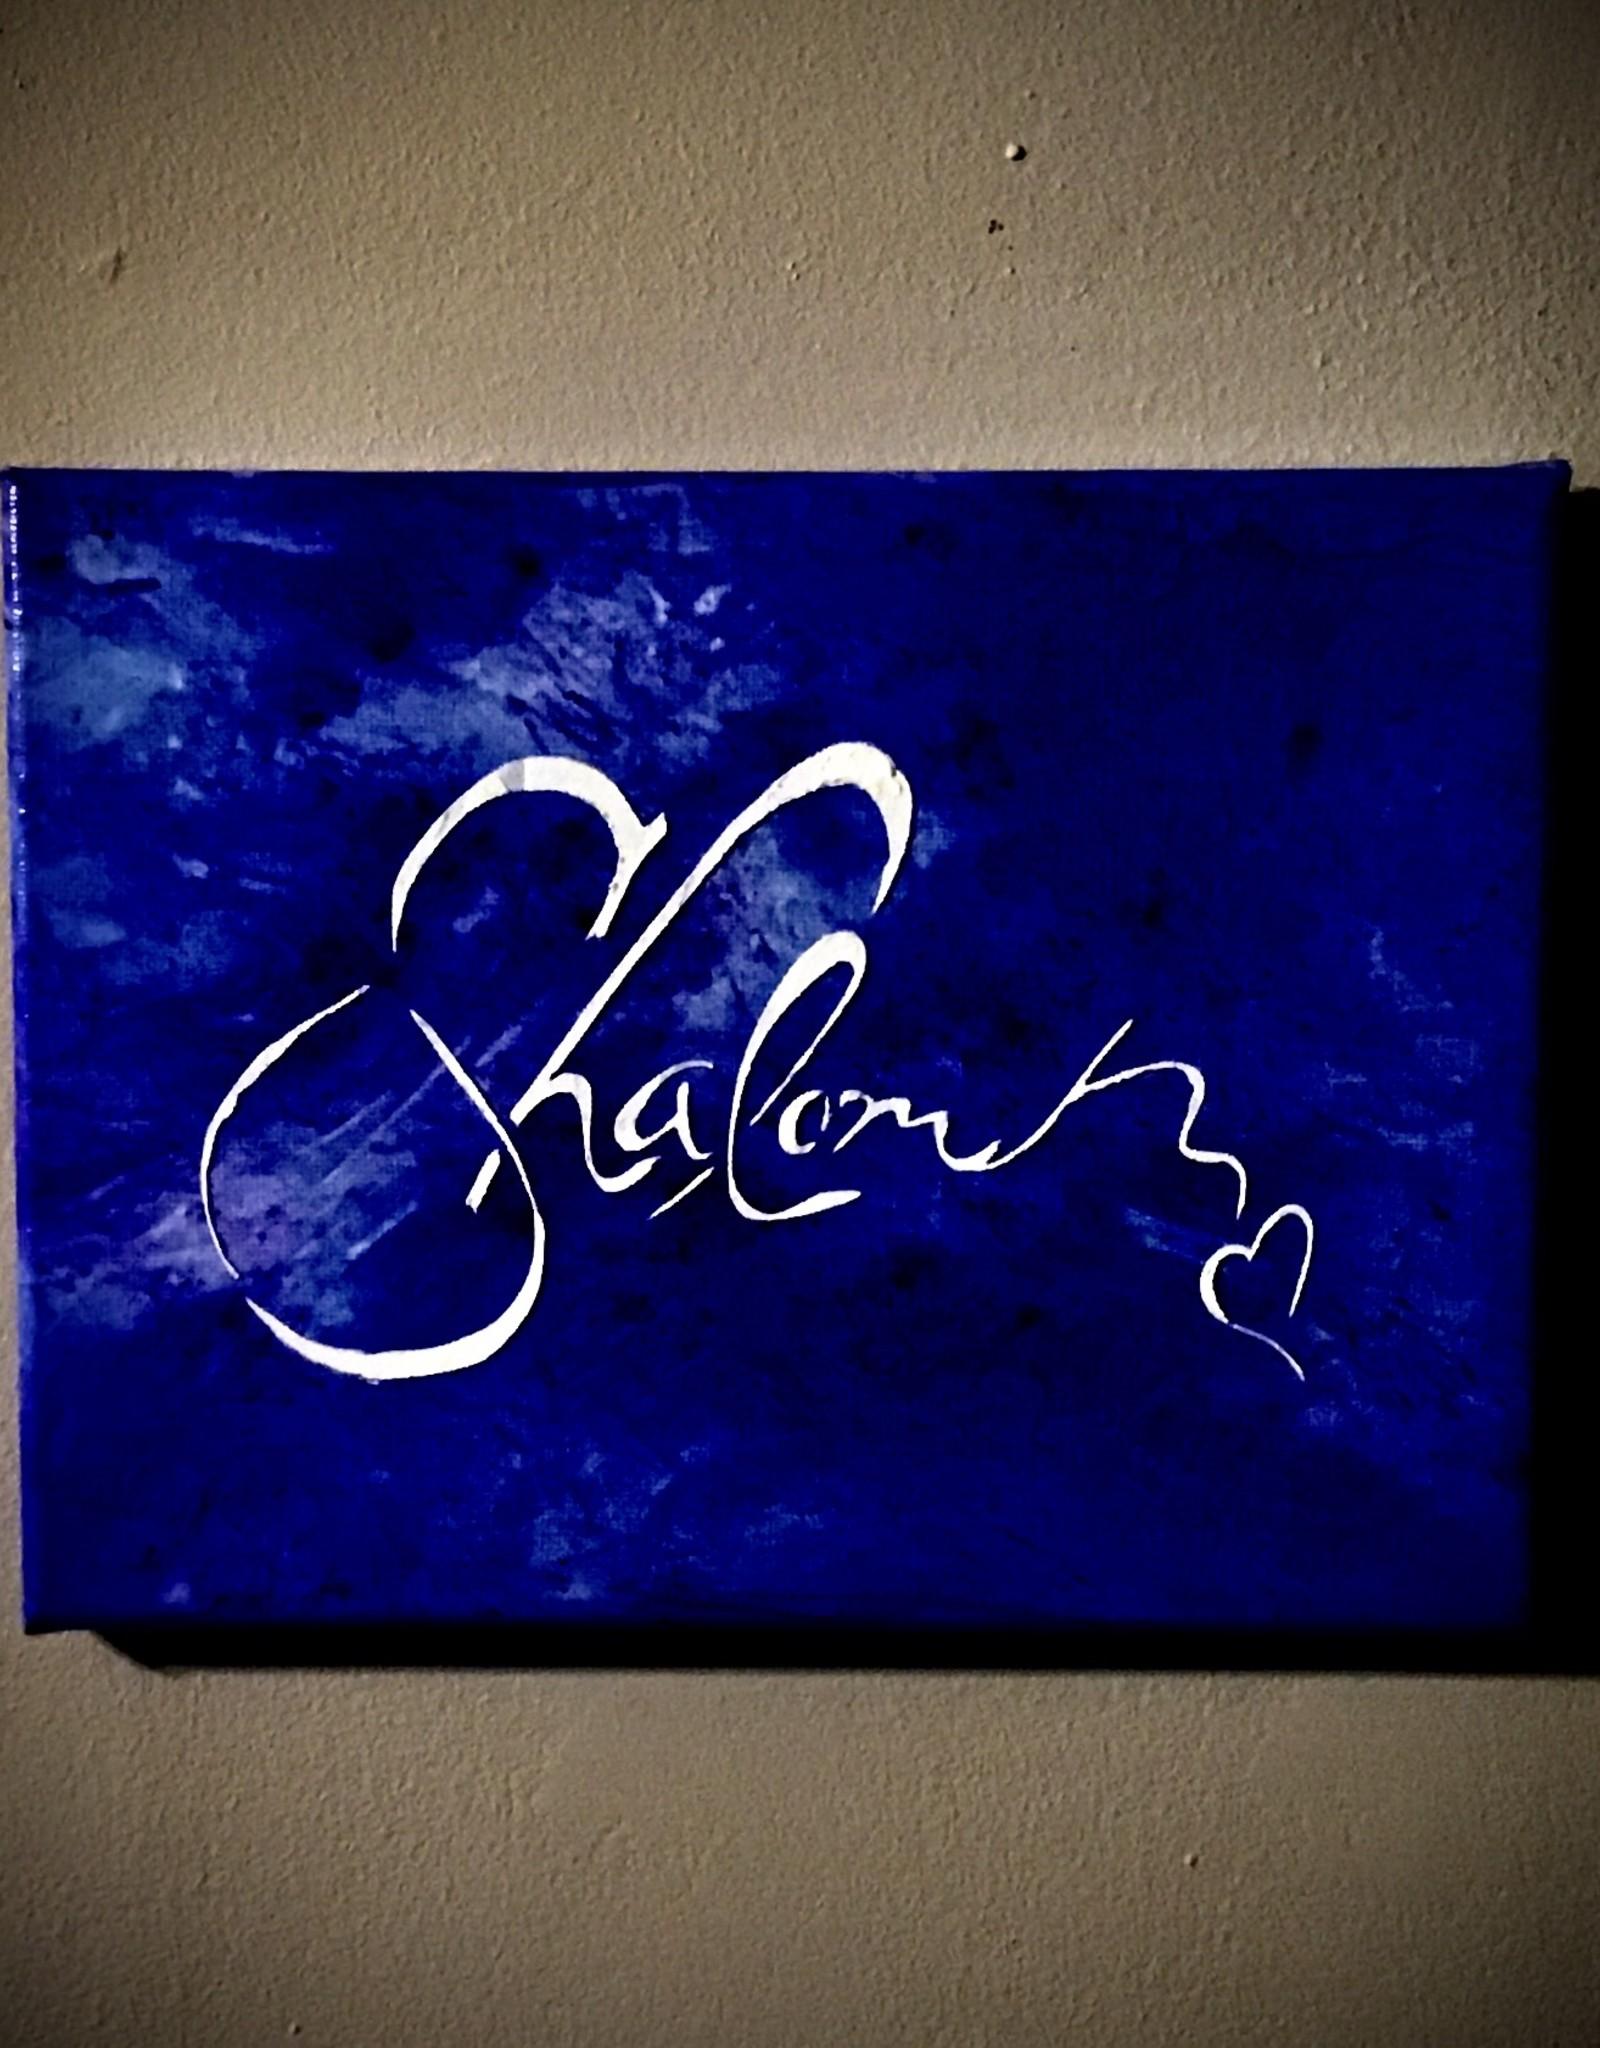 Chaipainter Shalom schilderij.  Origineel kunstwerk. Een  groet van Vrede en Heel zijn